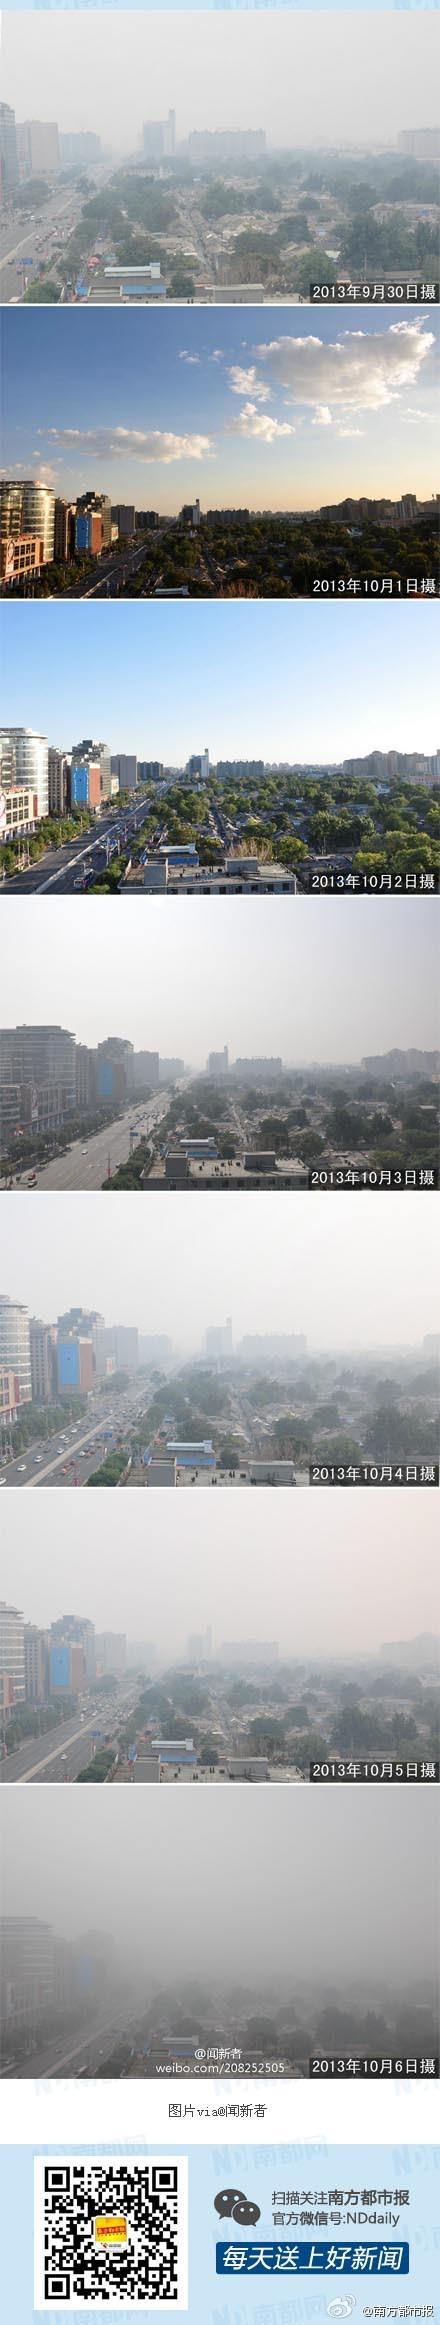 중국 북경의 국경절 연휴 하늘모습